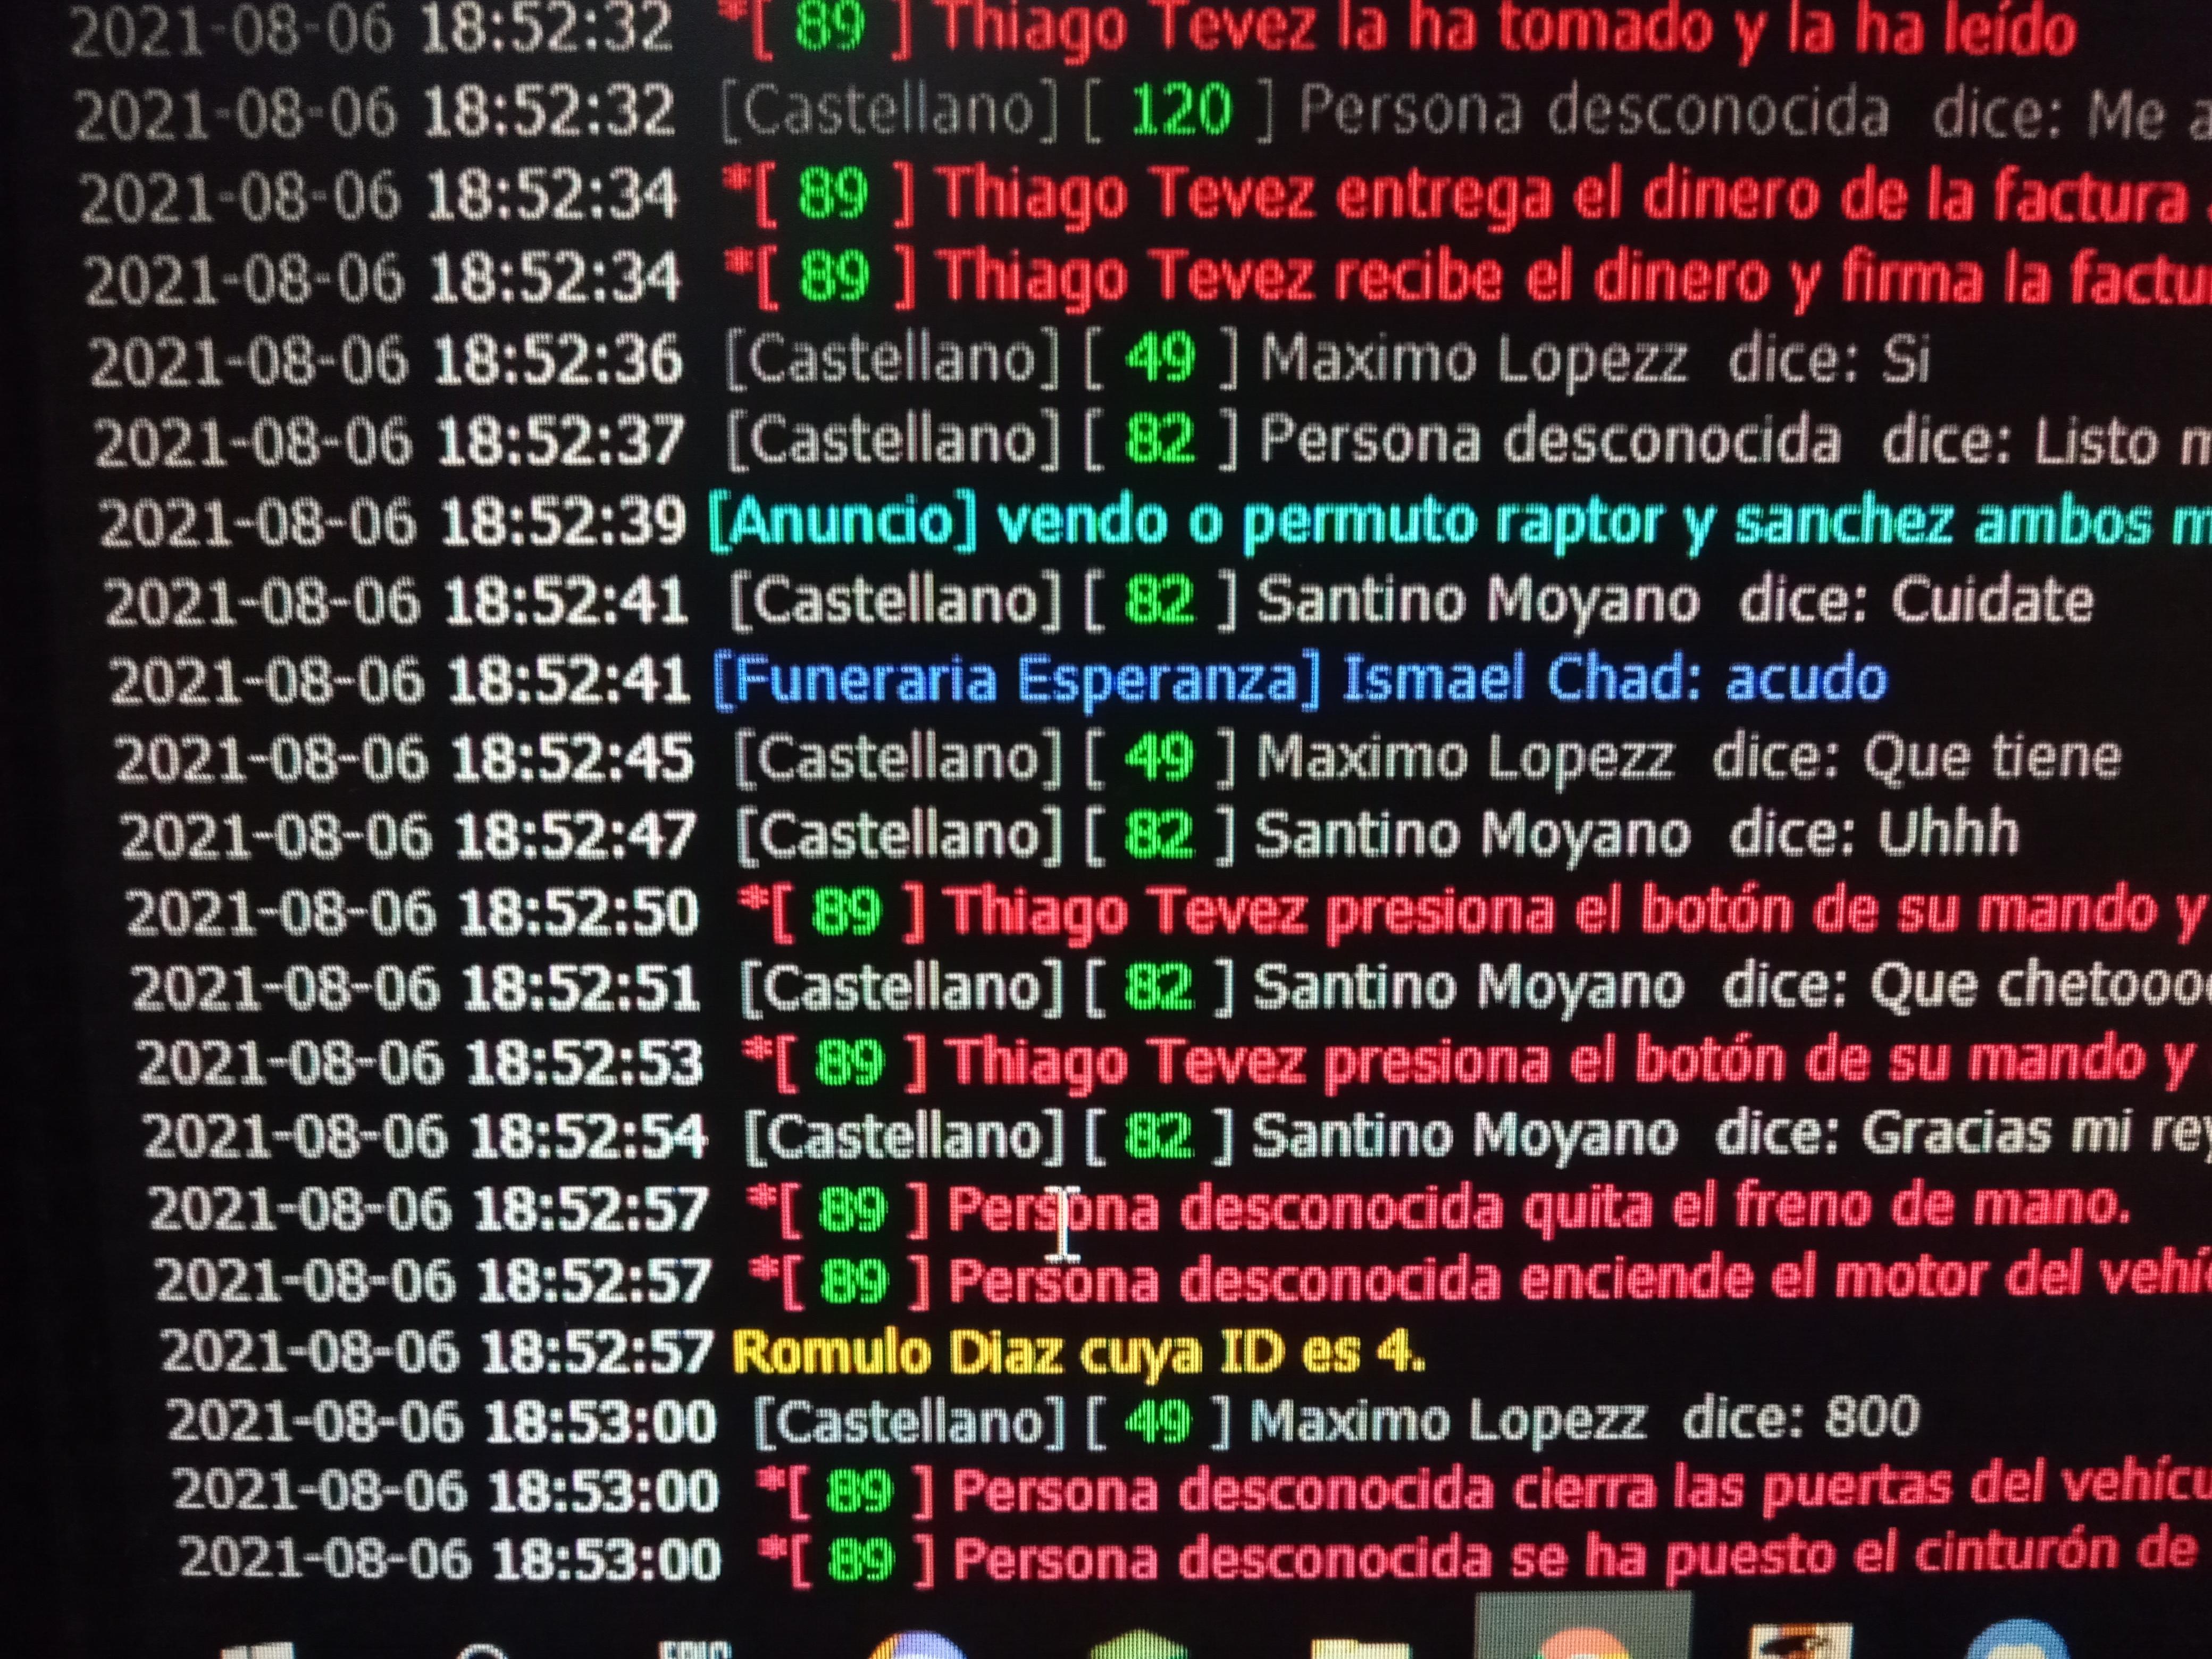 Reporte a Romulo Díaz [matar sin reconocimiento y NRE] IMG_20210807_120523_088